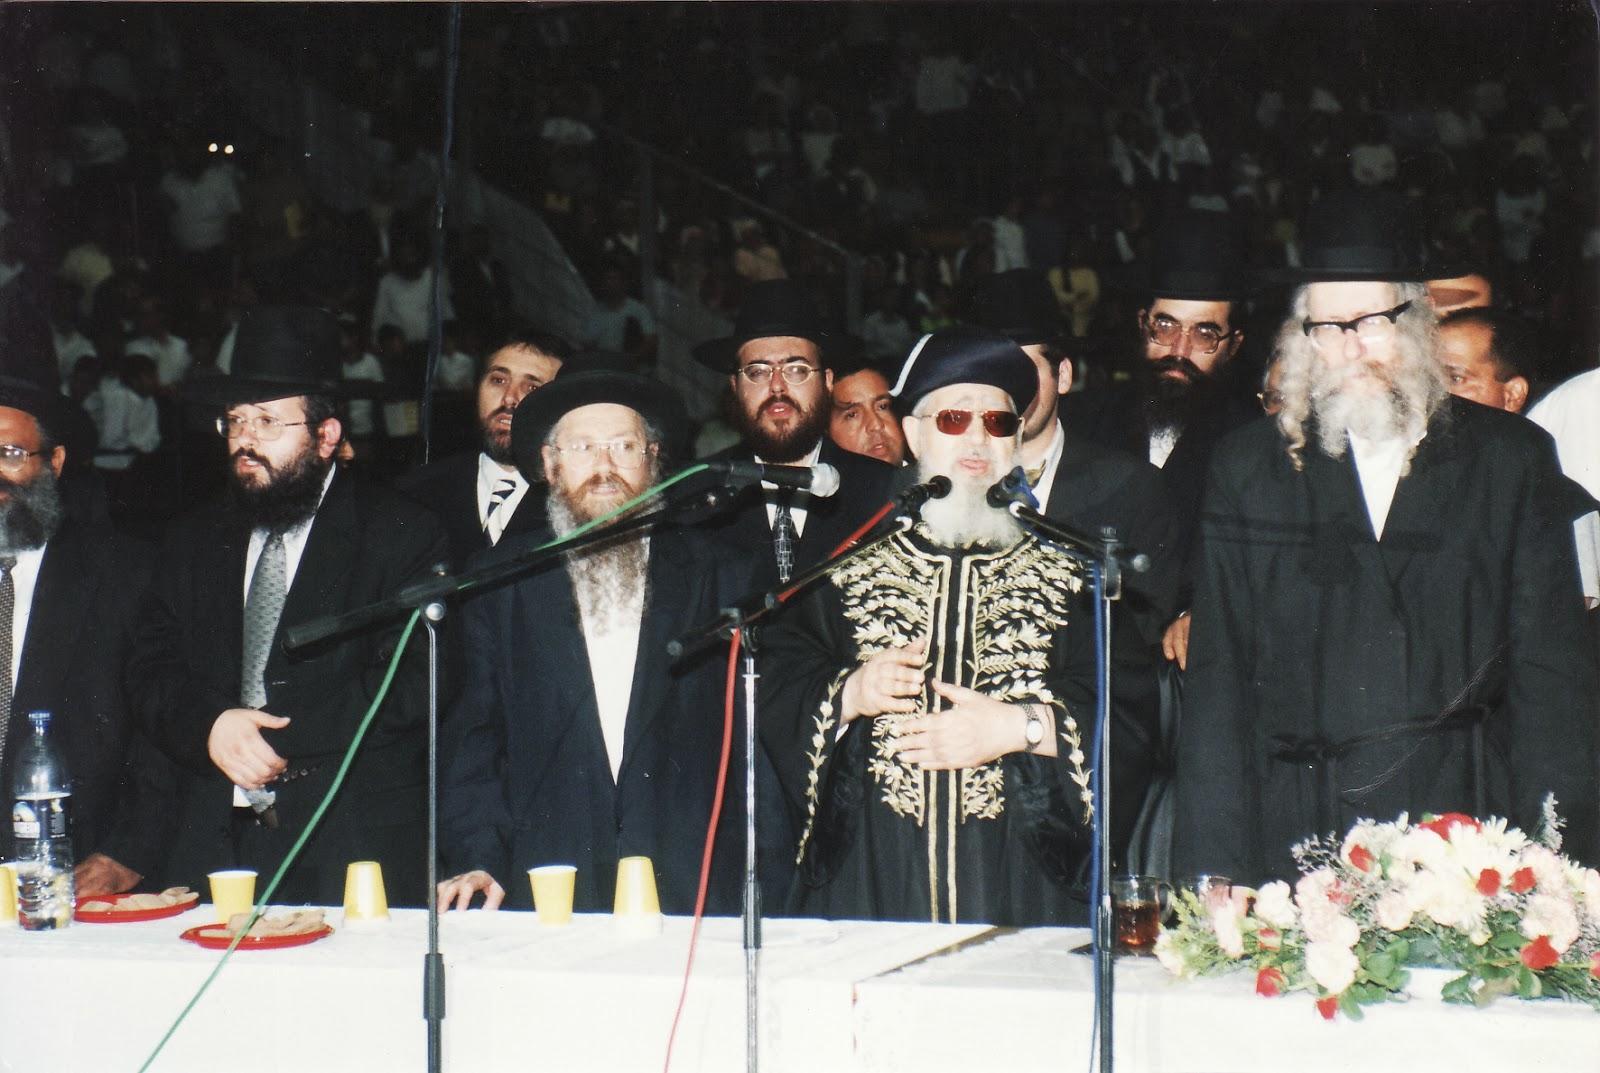 הרב עובדיה יוסף הרב ברלנד הרב בצרי